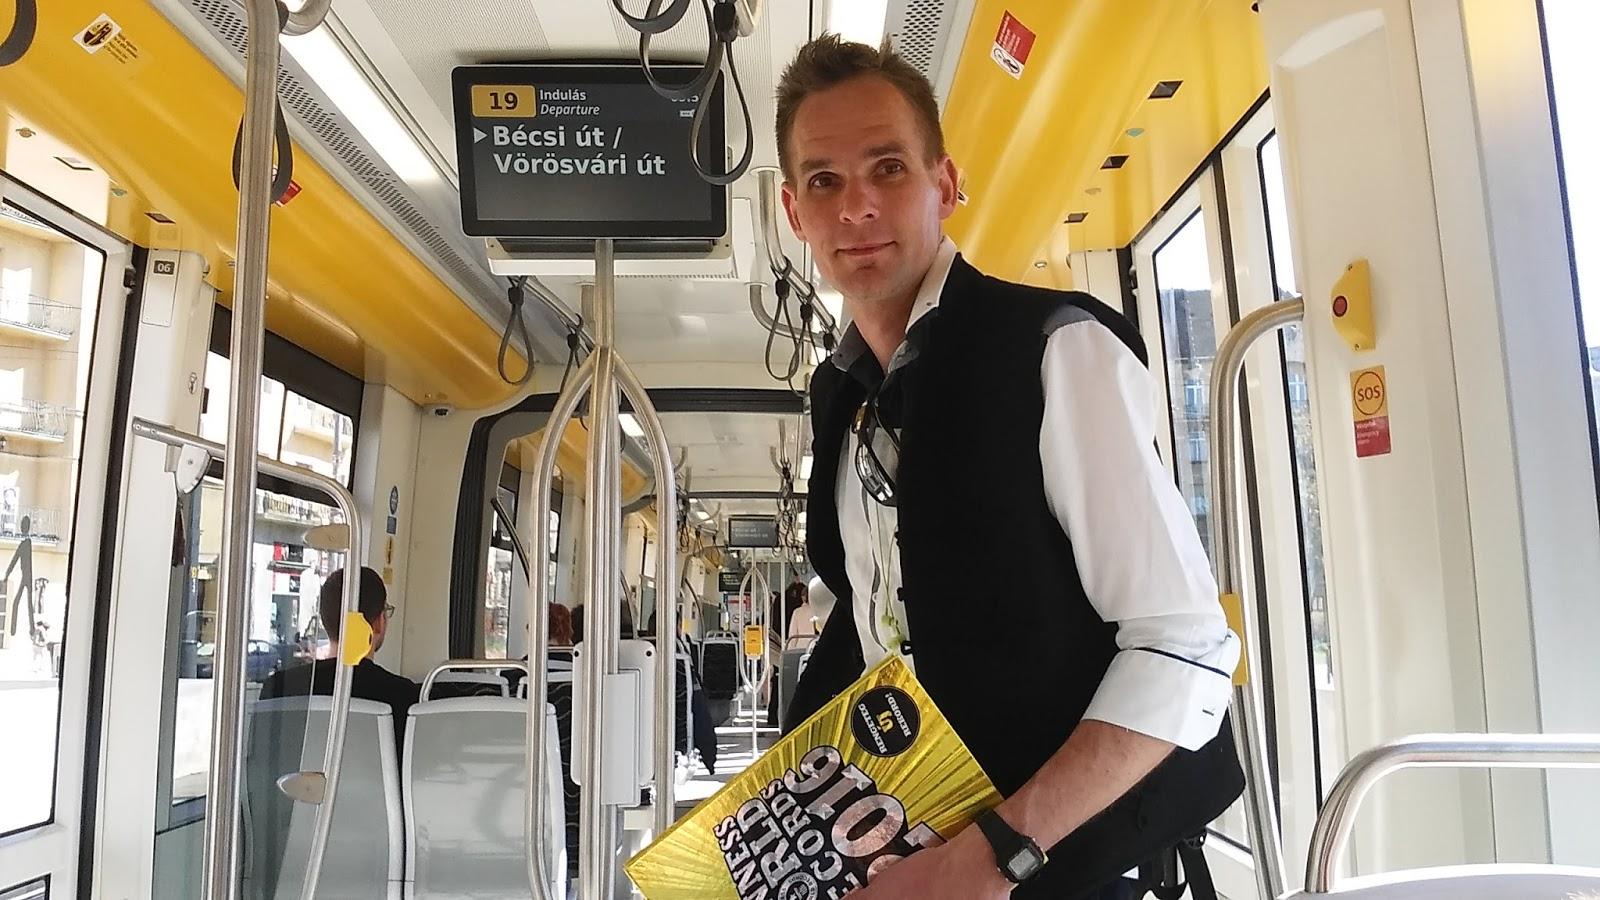 metro fm társkereső legújabb nemzetközi társkereső oldal